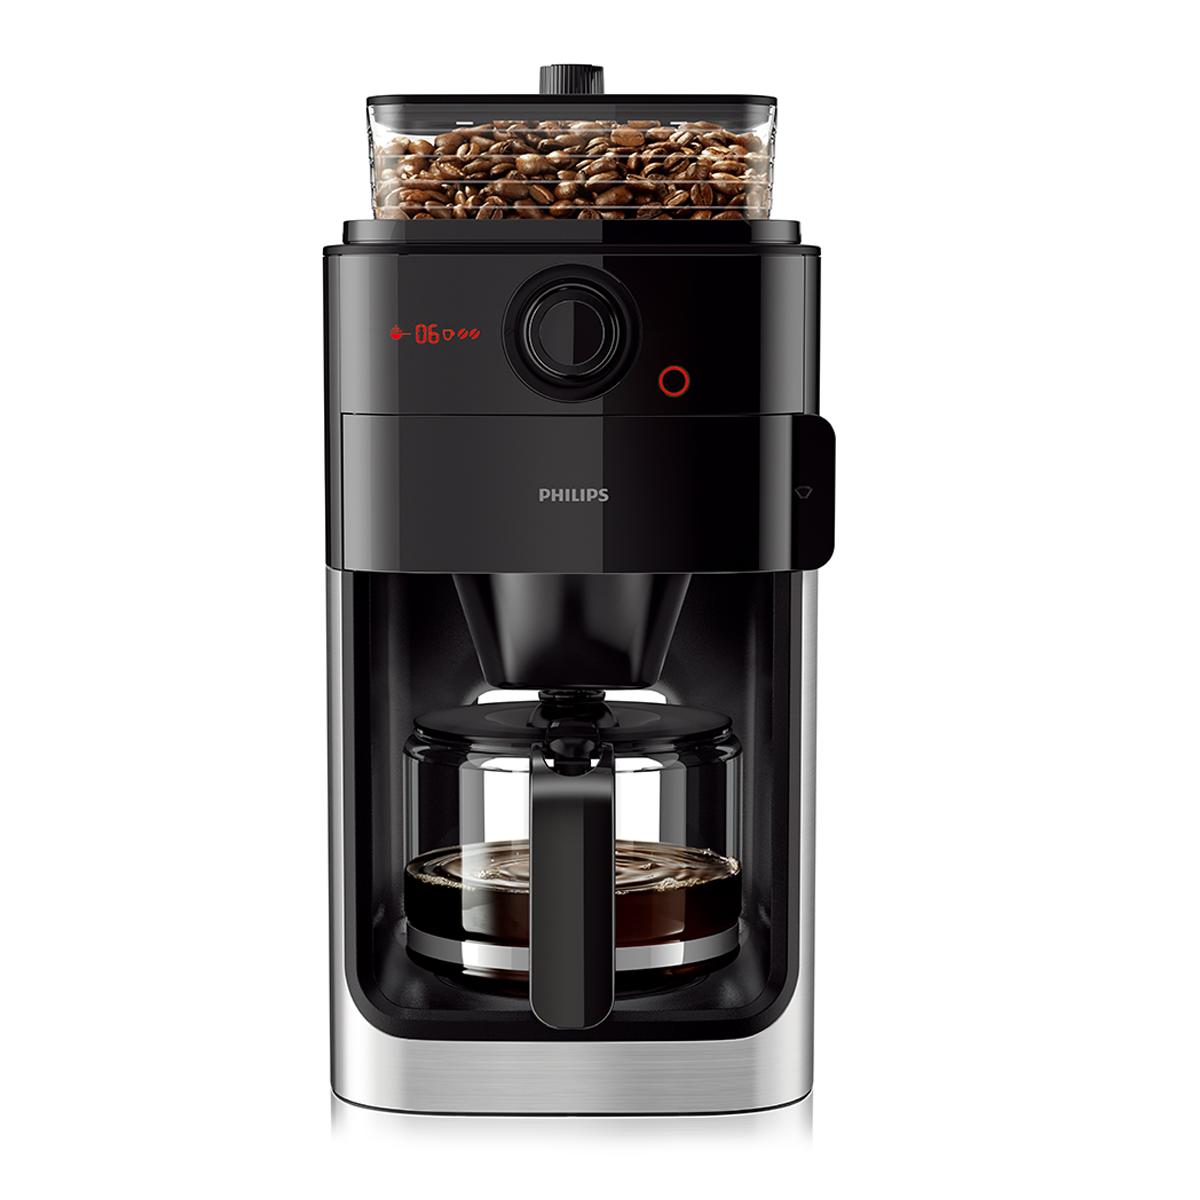 [필립스 커피메이커] 필립스 그라인드 앱 드립 커피메이커, HD7761/00 - 랭킹1위 (139700원)